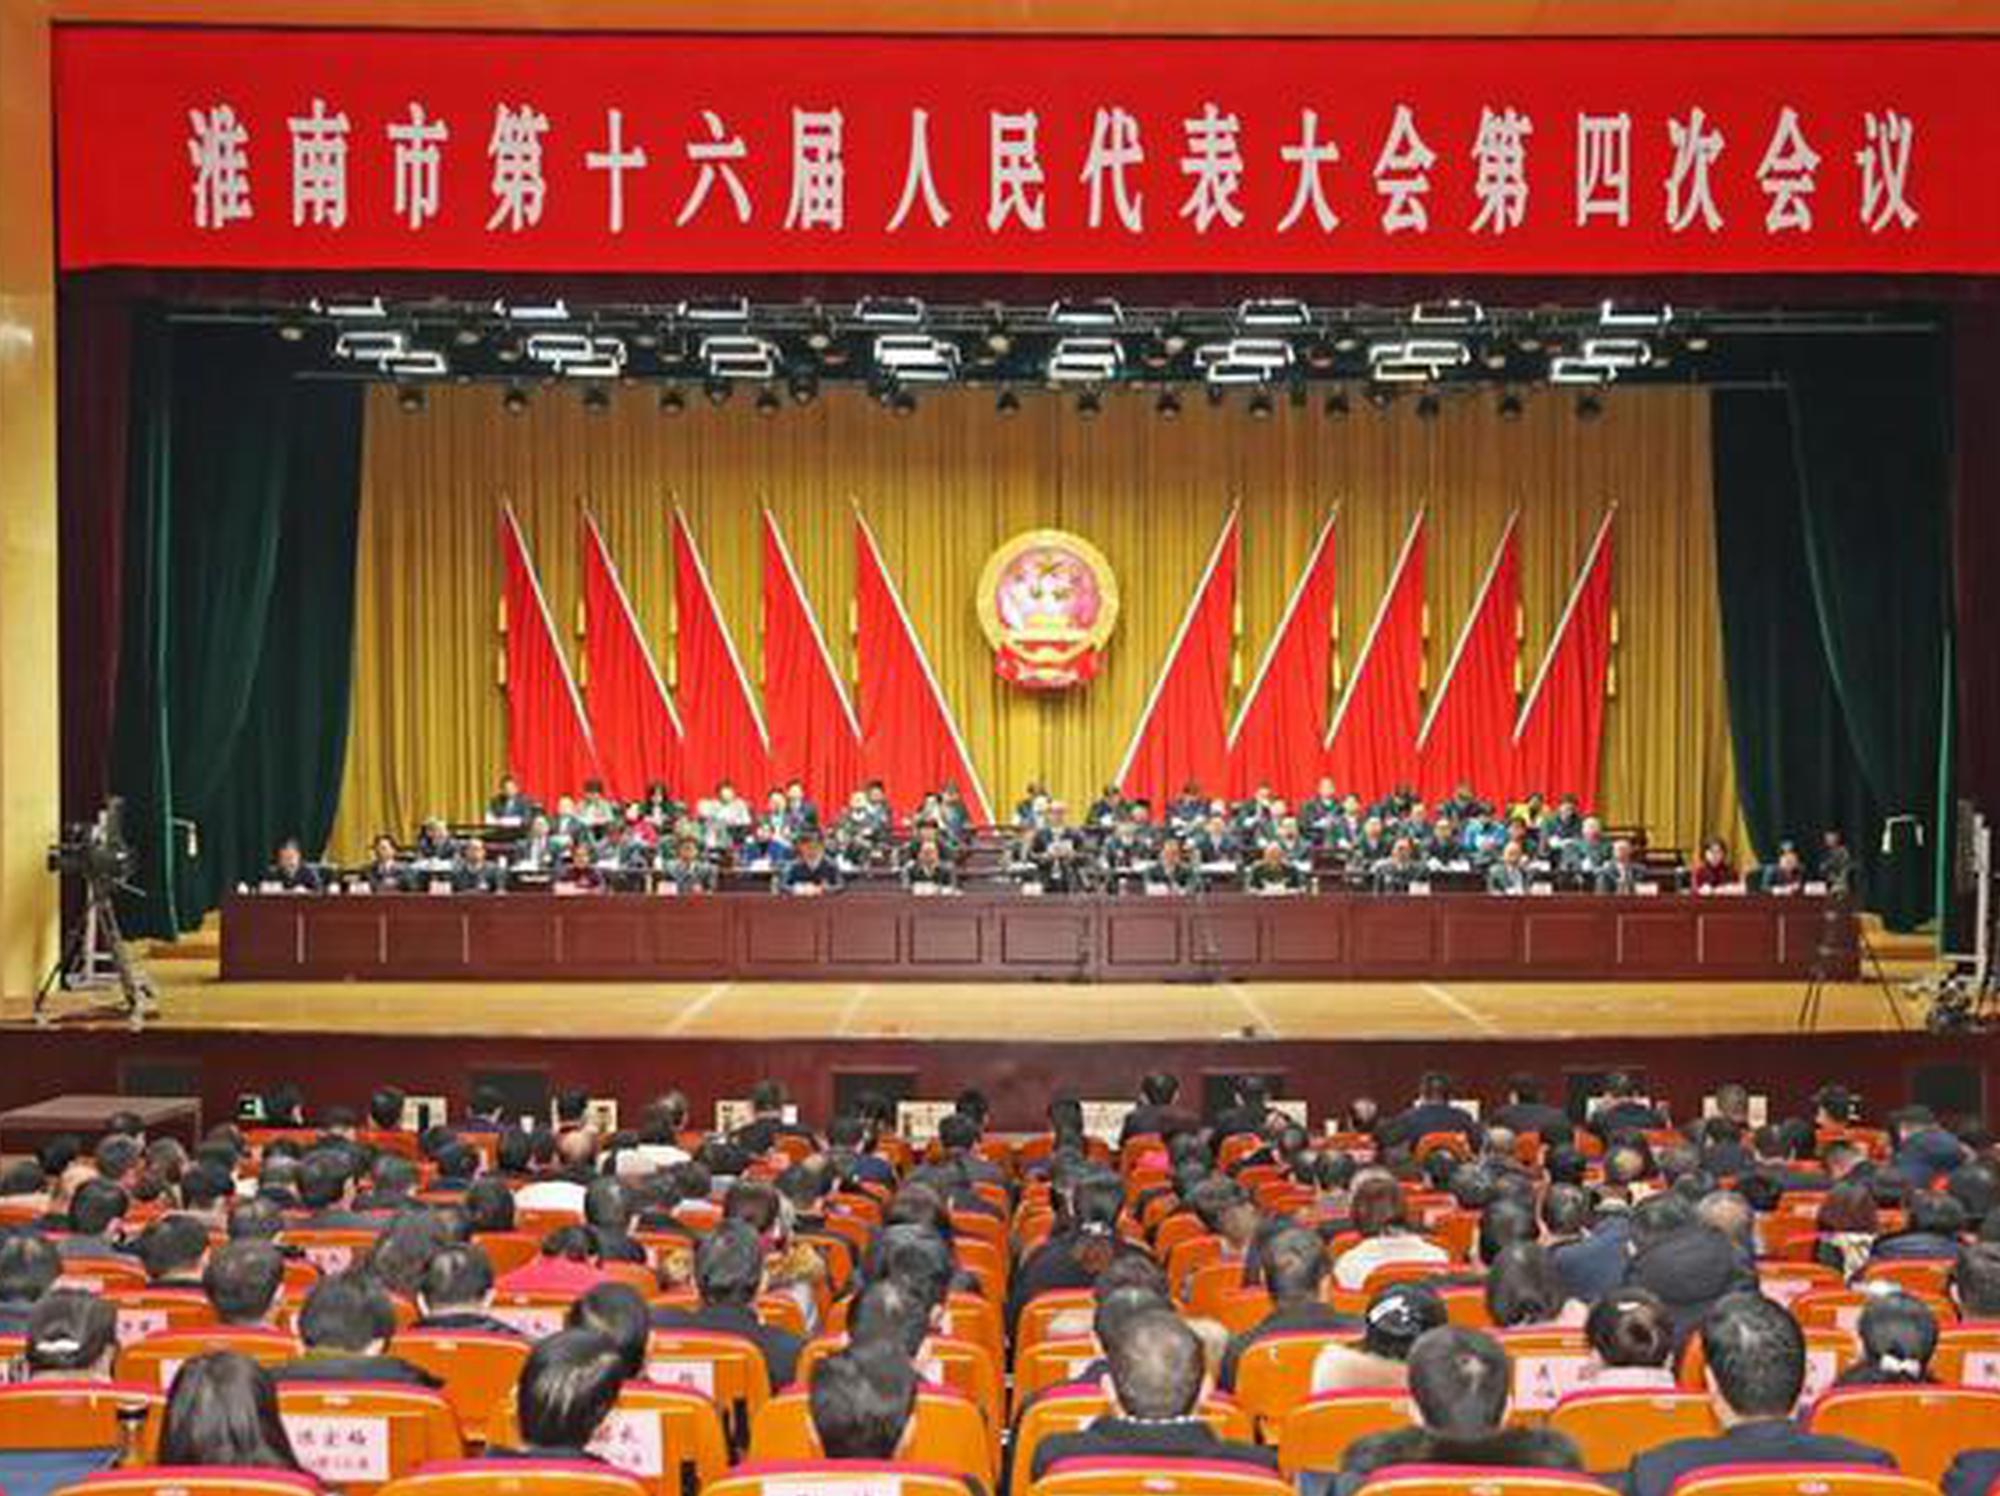 http://ah.sina.com.cn/news/2021-01-26/detail-ikftpnny1892749.shtml